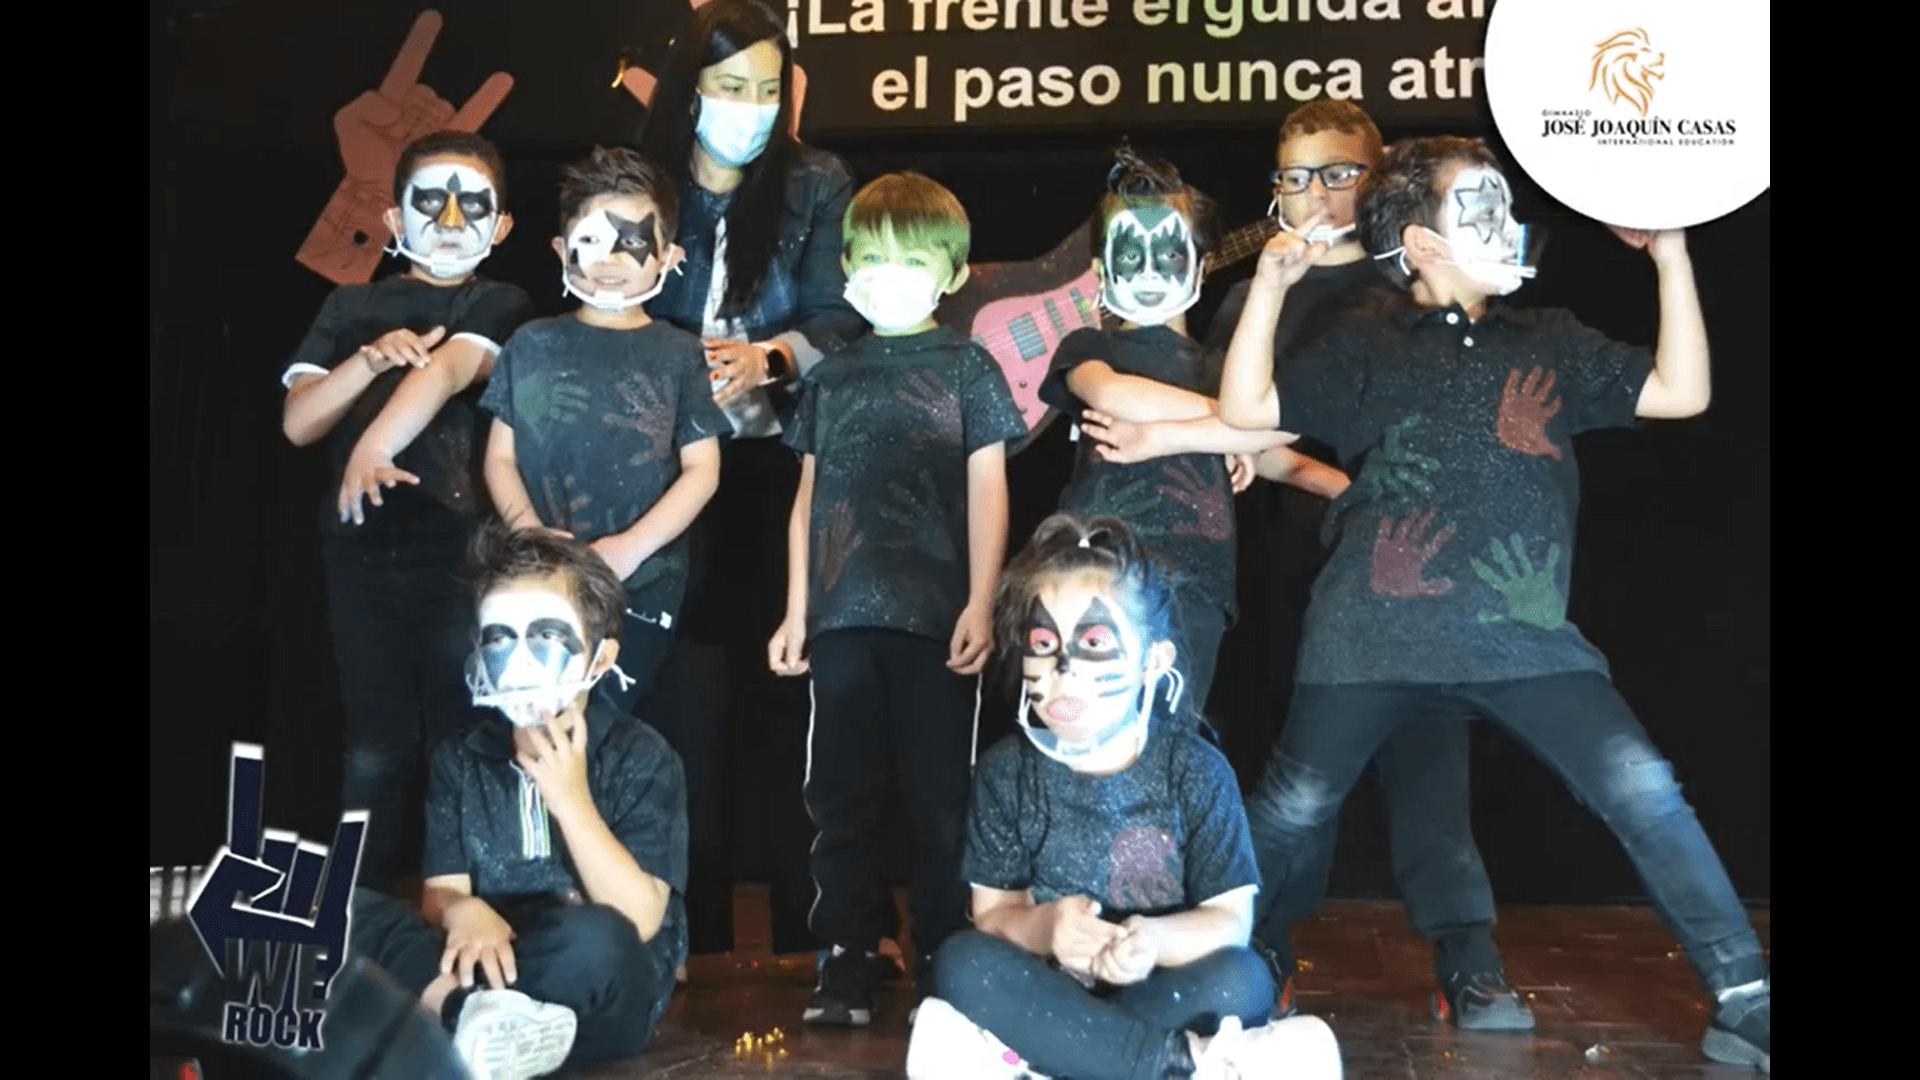 formación deportiva y artística- Gimnasio José Joaquín Casas